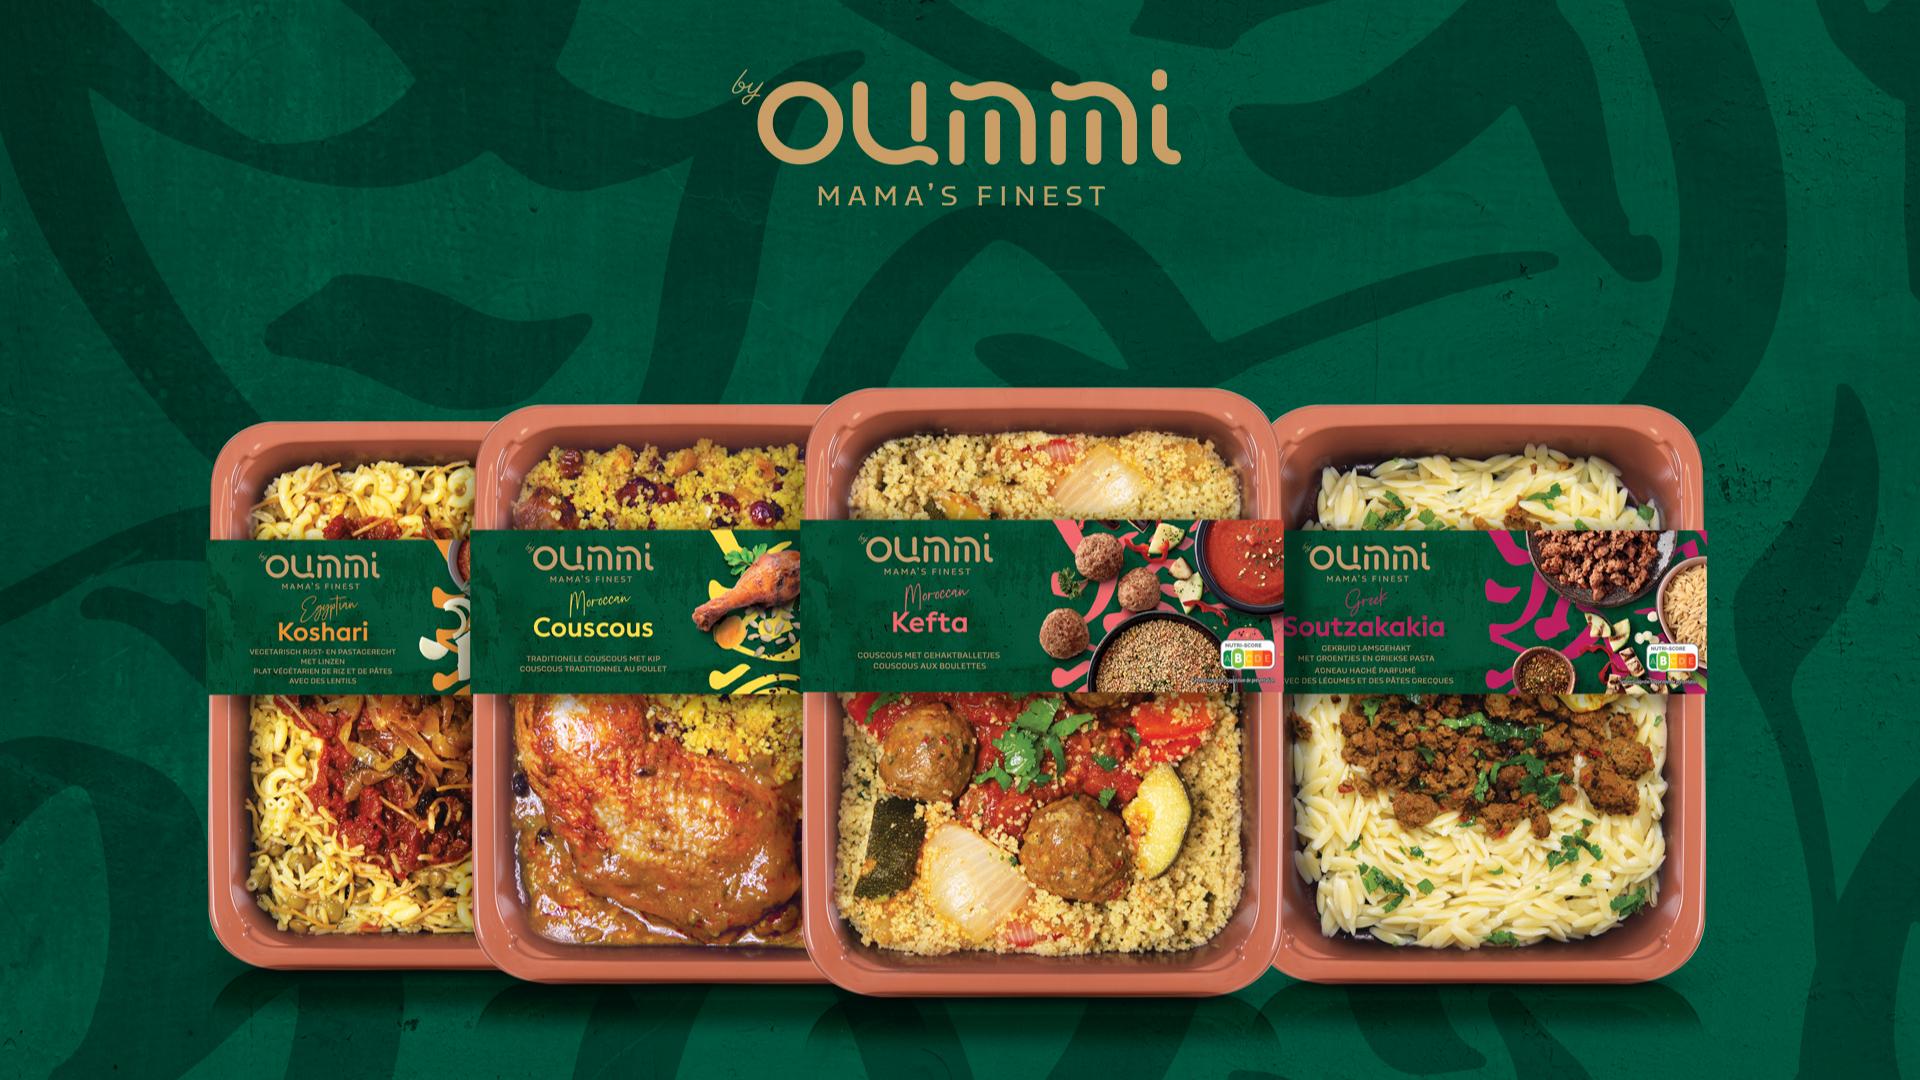 by Oummi, verpakkingsdesign gecreëerd door DesignRepublic